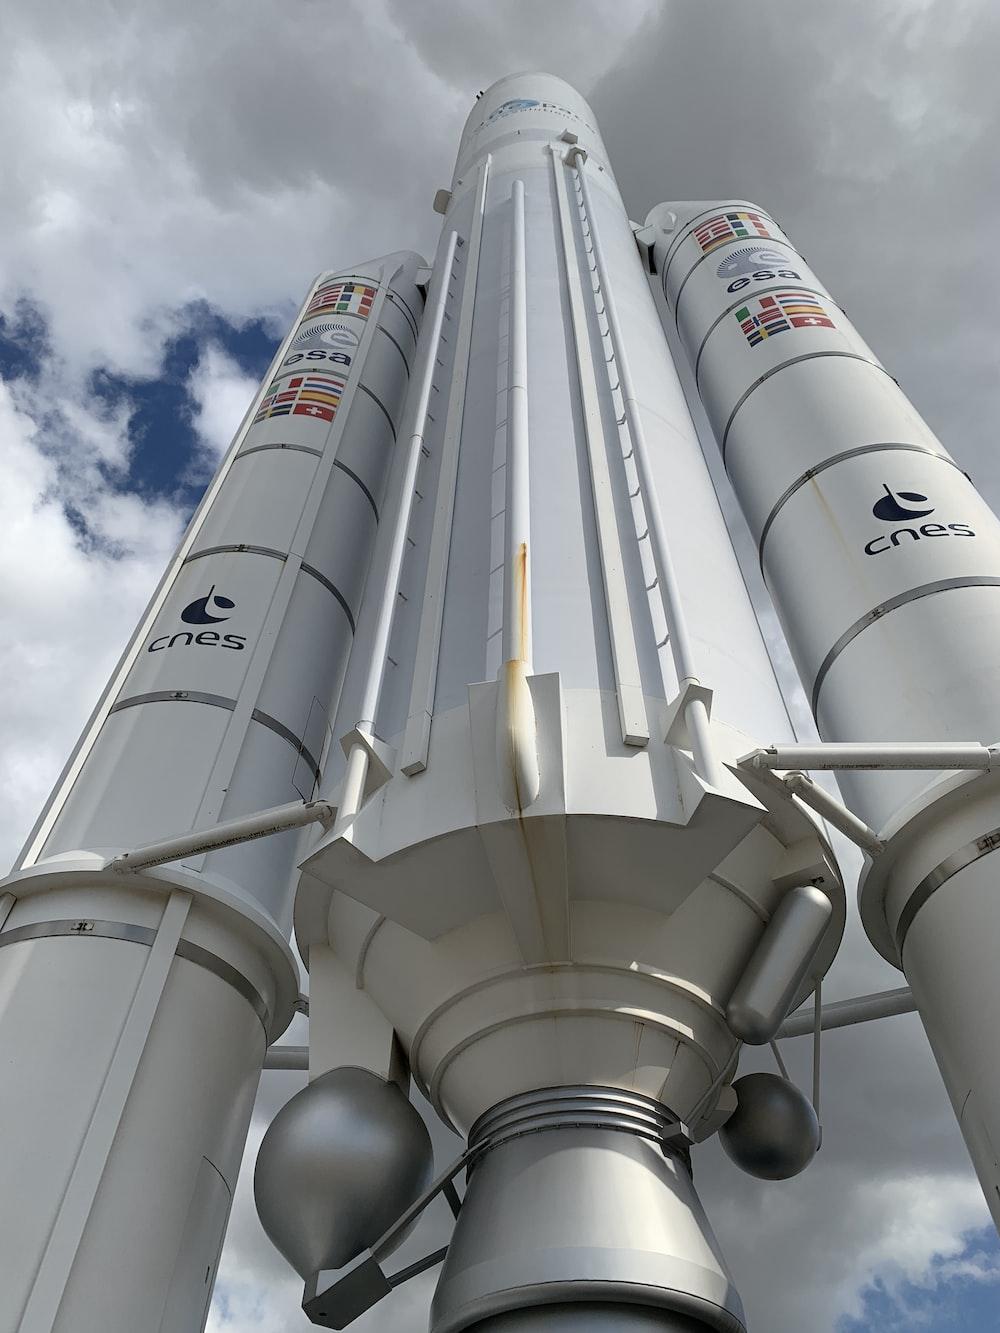 white space shuttle under gray sky